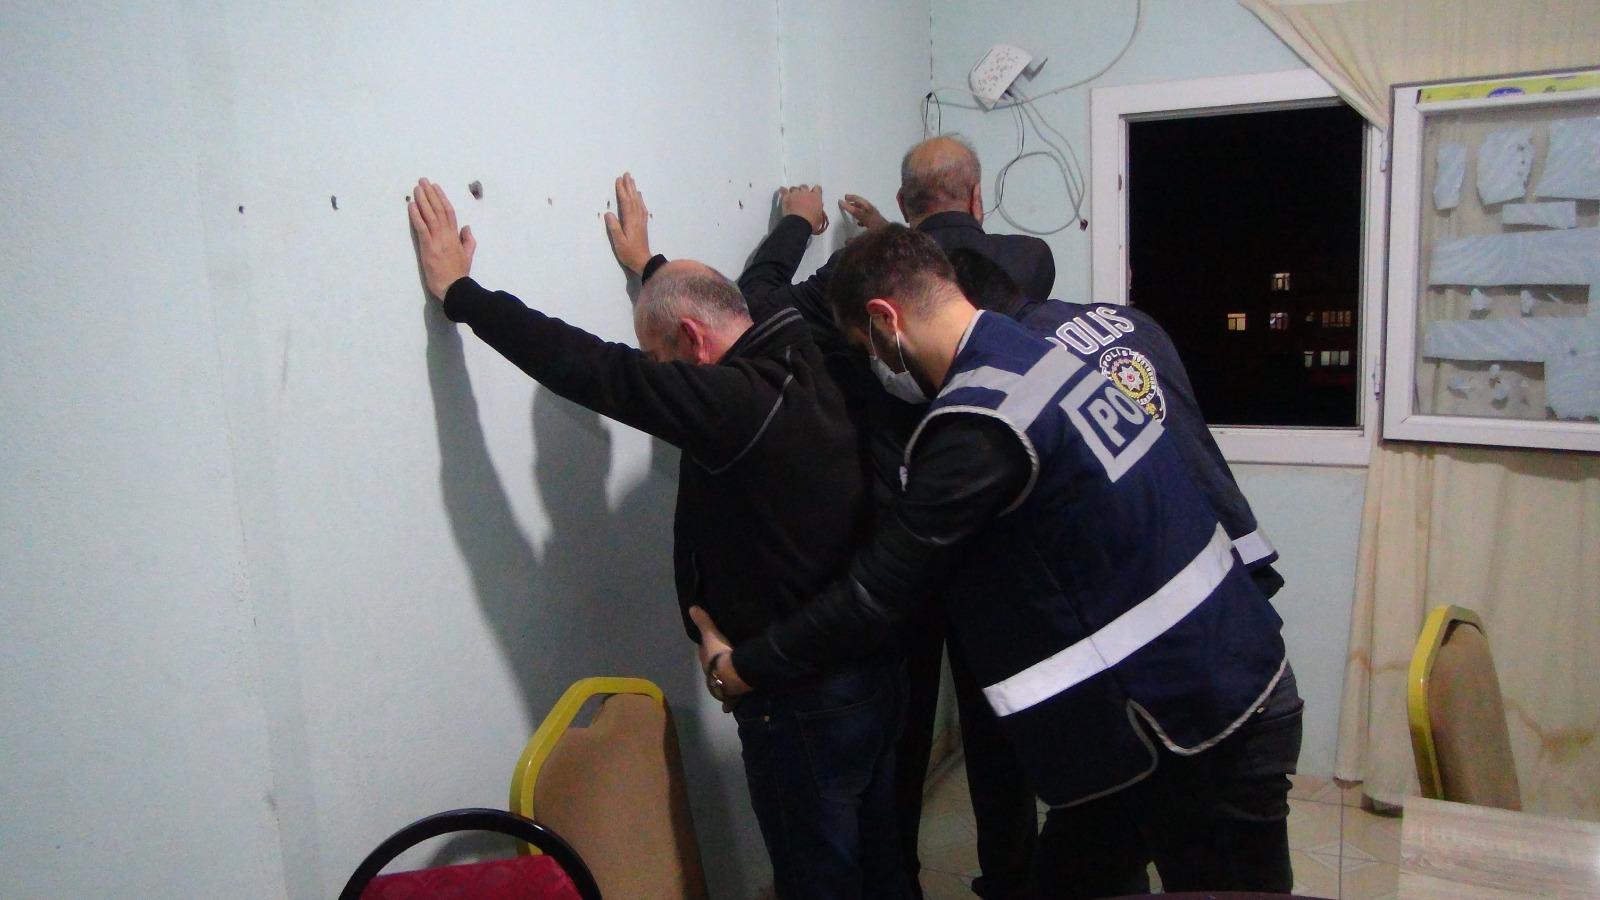 Kızıltepe'de daireden bozma kumarhaneye baskın